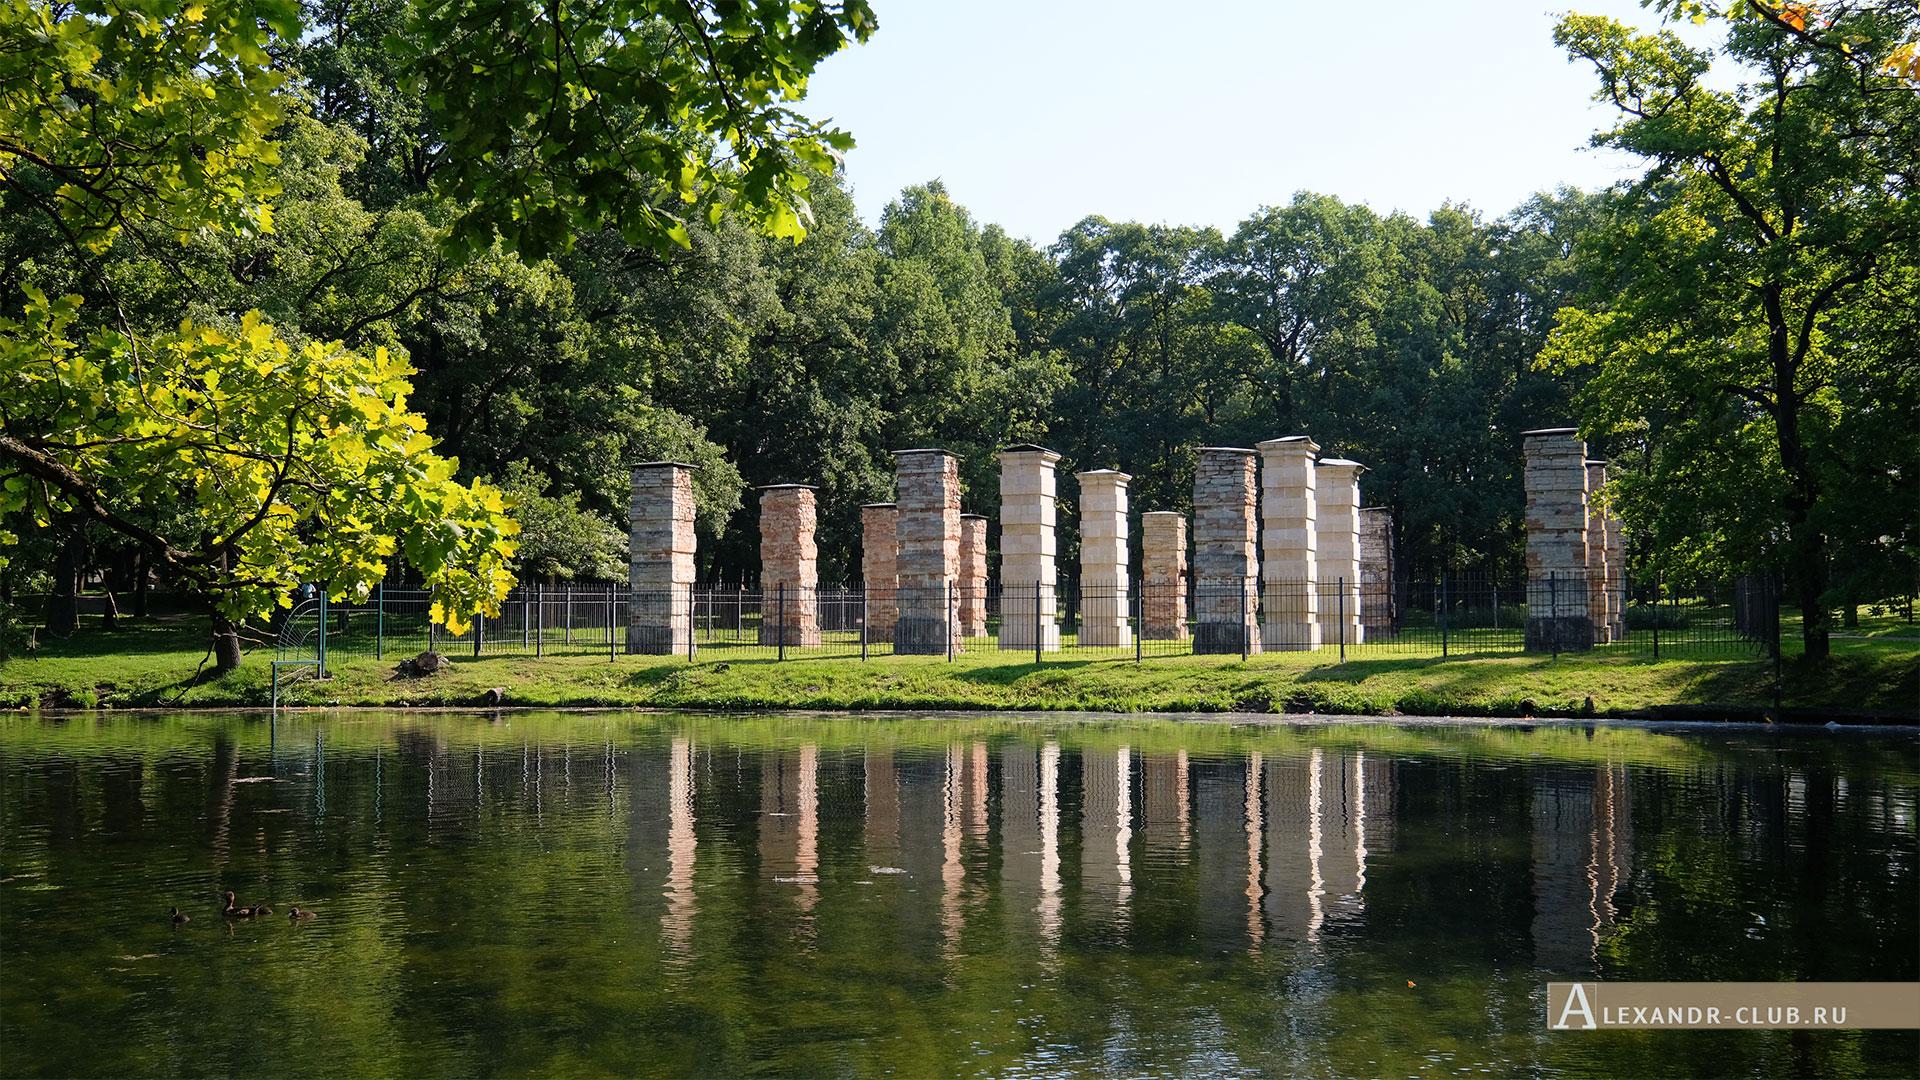 Гатчинский парк, лето, Адмиралтейство